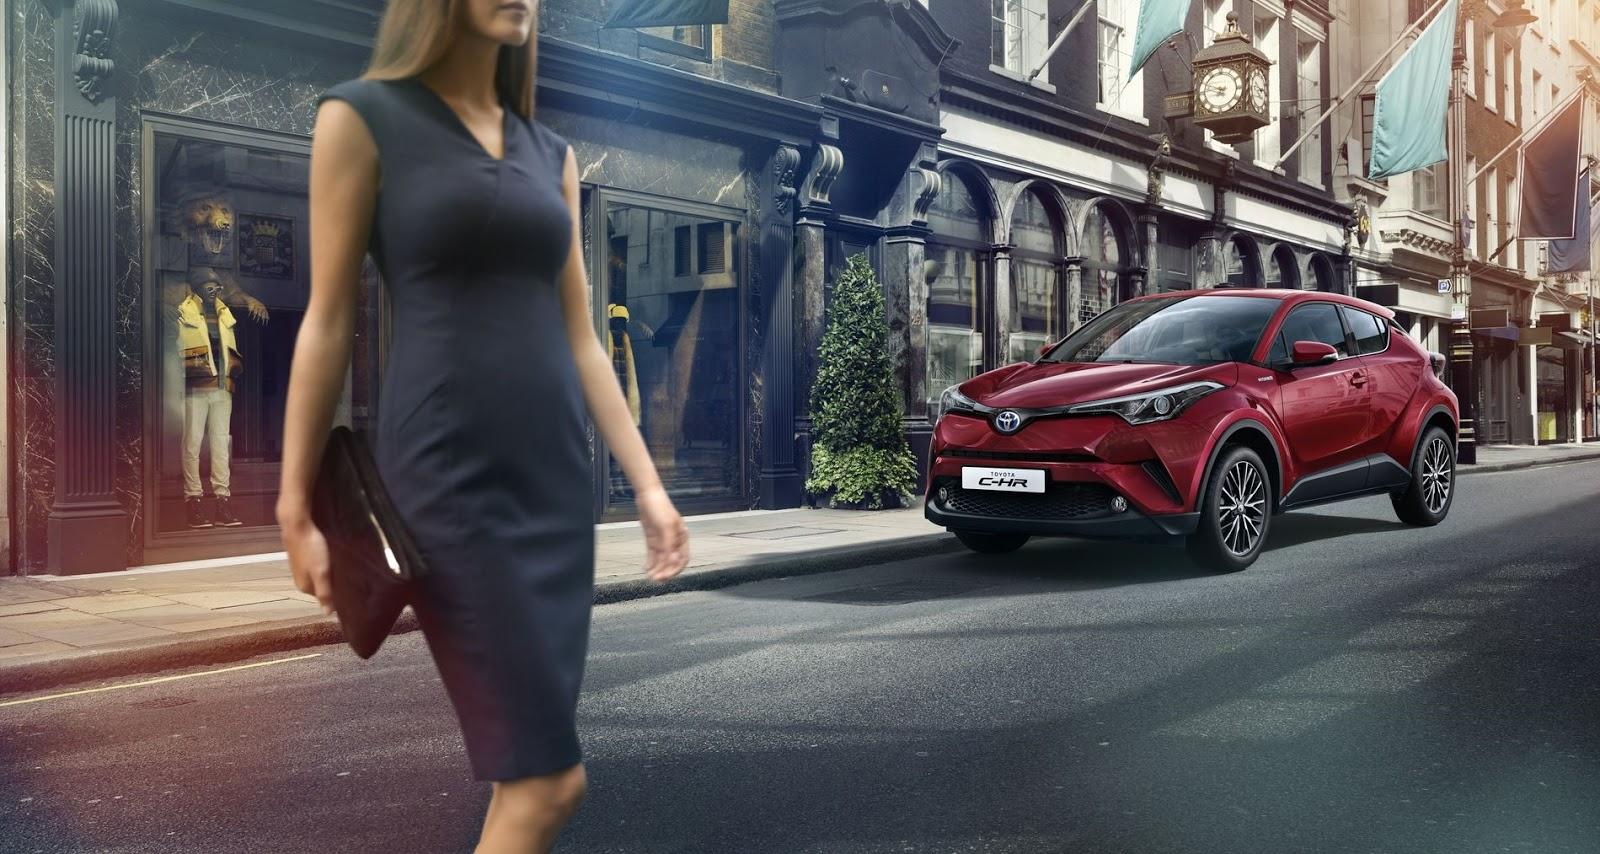 «Καθαρότερη» μάρκα αυτοκινήτων στην Ευρώπη για το 2017 η Toyota